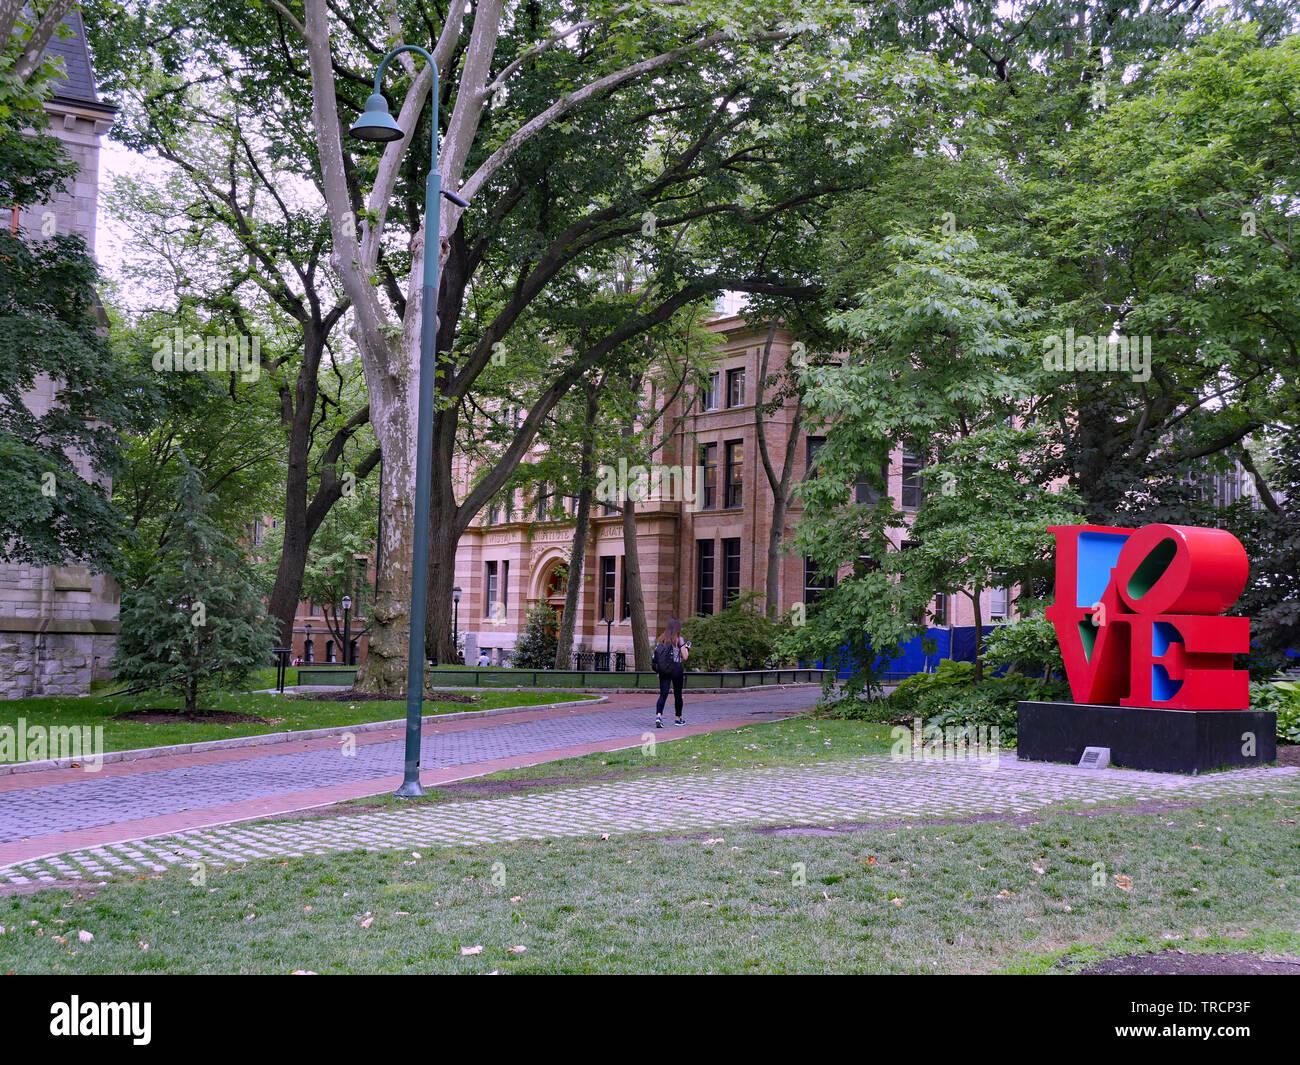 PHILADELPHIA - Mayo 2019: Un estudiante paseos a la sombra del campus central de la Universidad de Pennsylvania, ha pasado de una reproducción de la famosa pop art LDV. Imagen De Stock